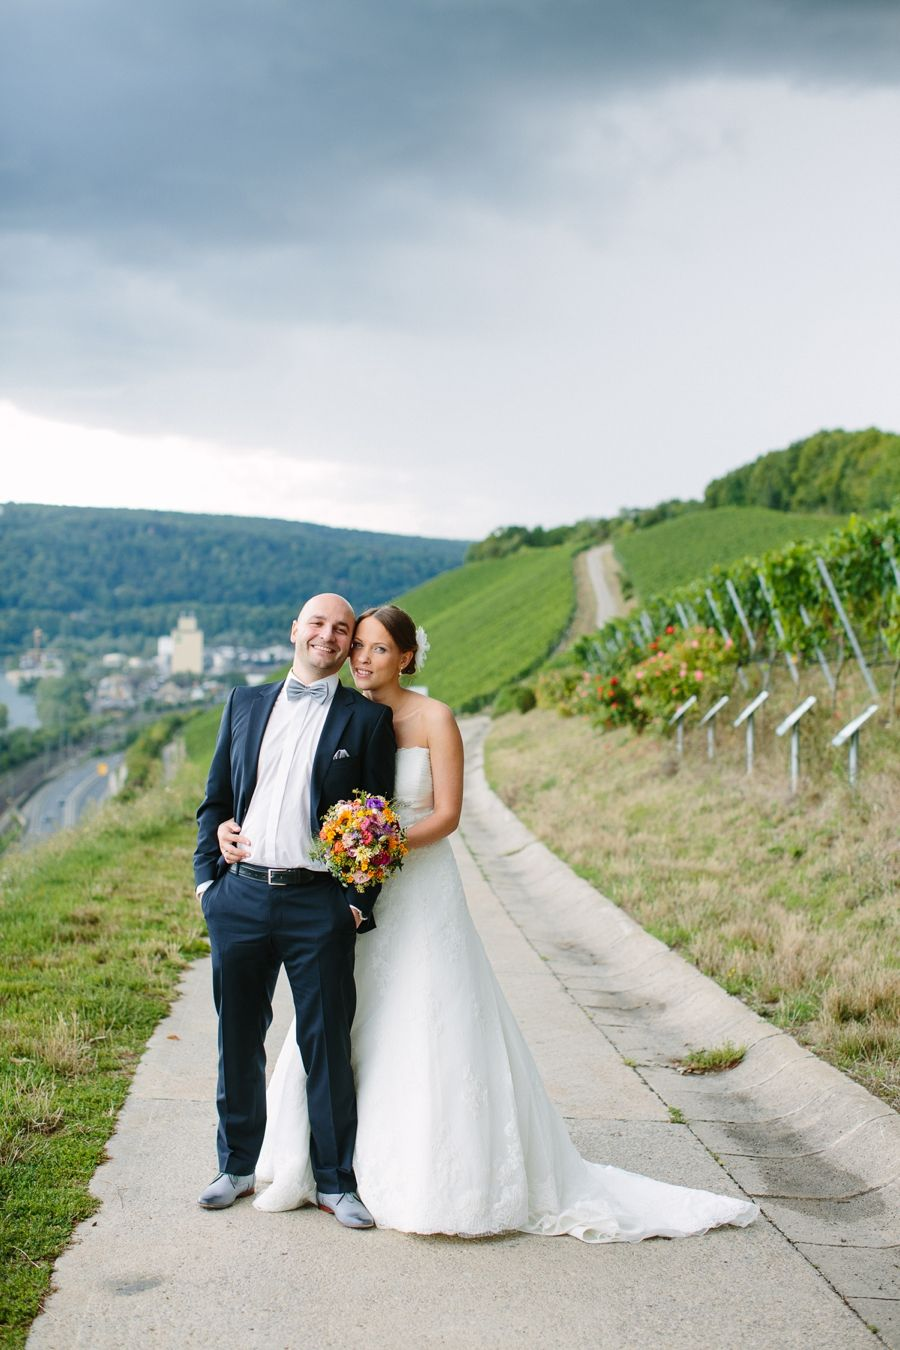 Nora Dirk Eine Hochzeitsreportage In Wurzburg Fotografie Hochzeitsfotograf Hochzeit